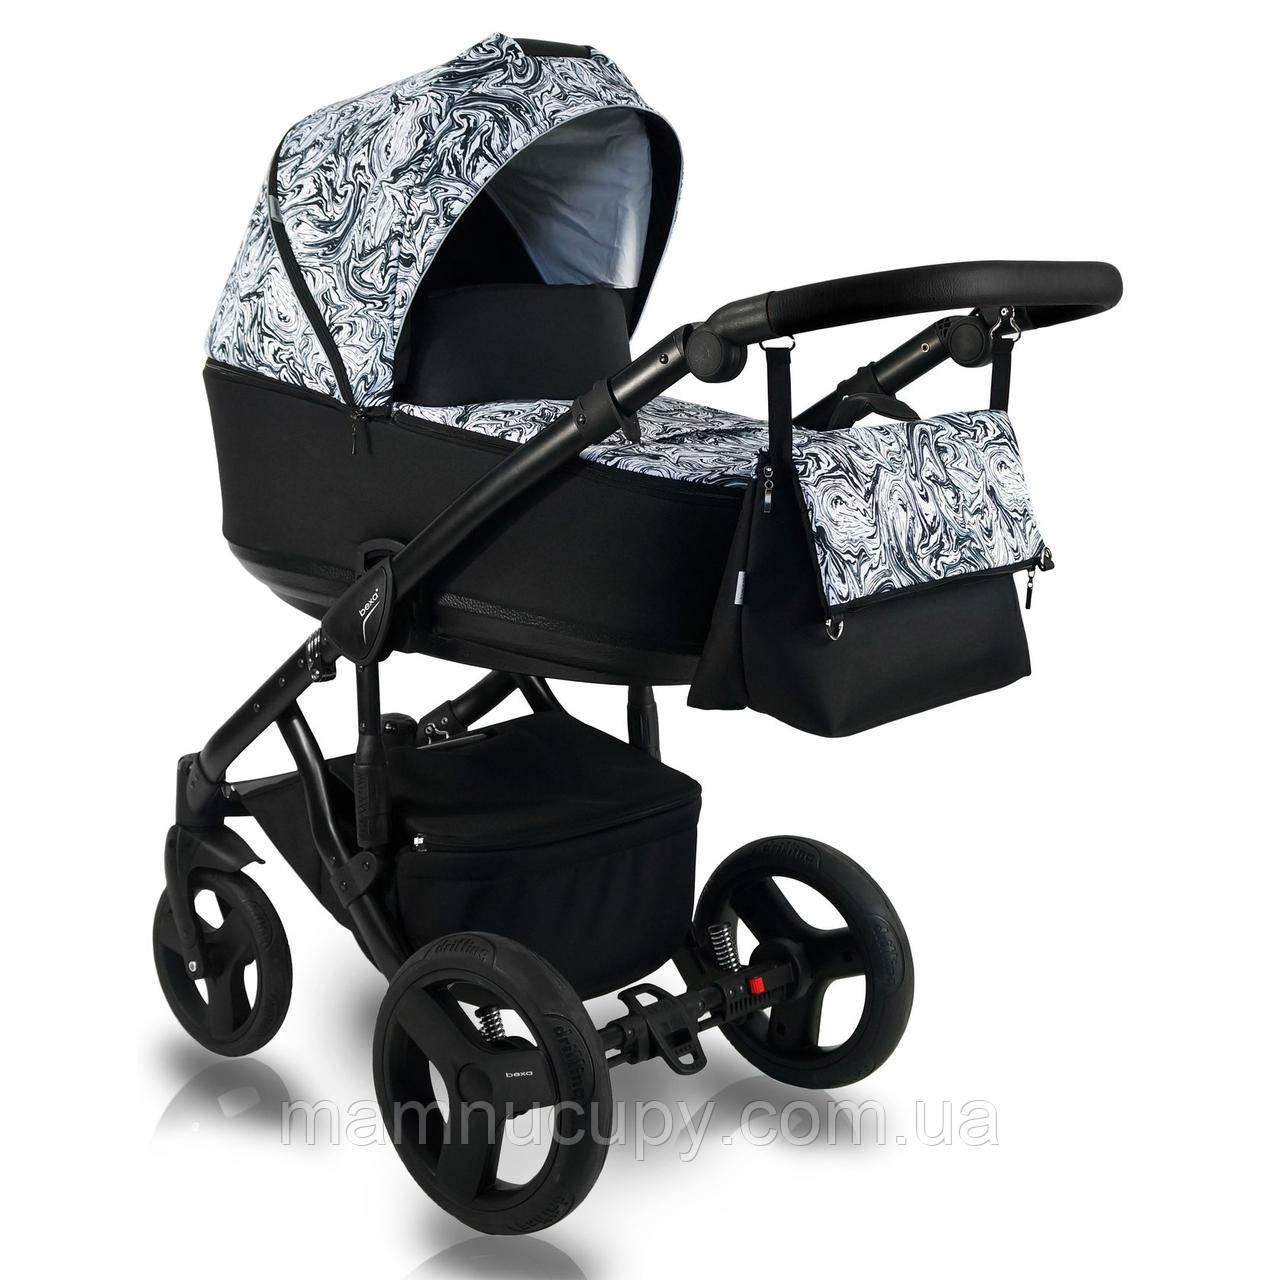 Универсальная детская коляска  2 в 1 Bexa Fresh Light FL1  (бекса фреш)